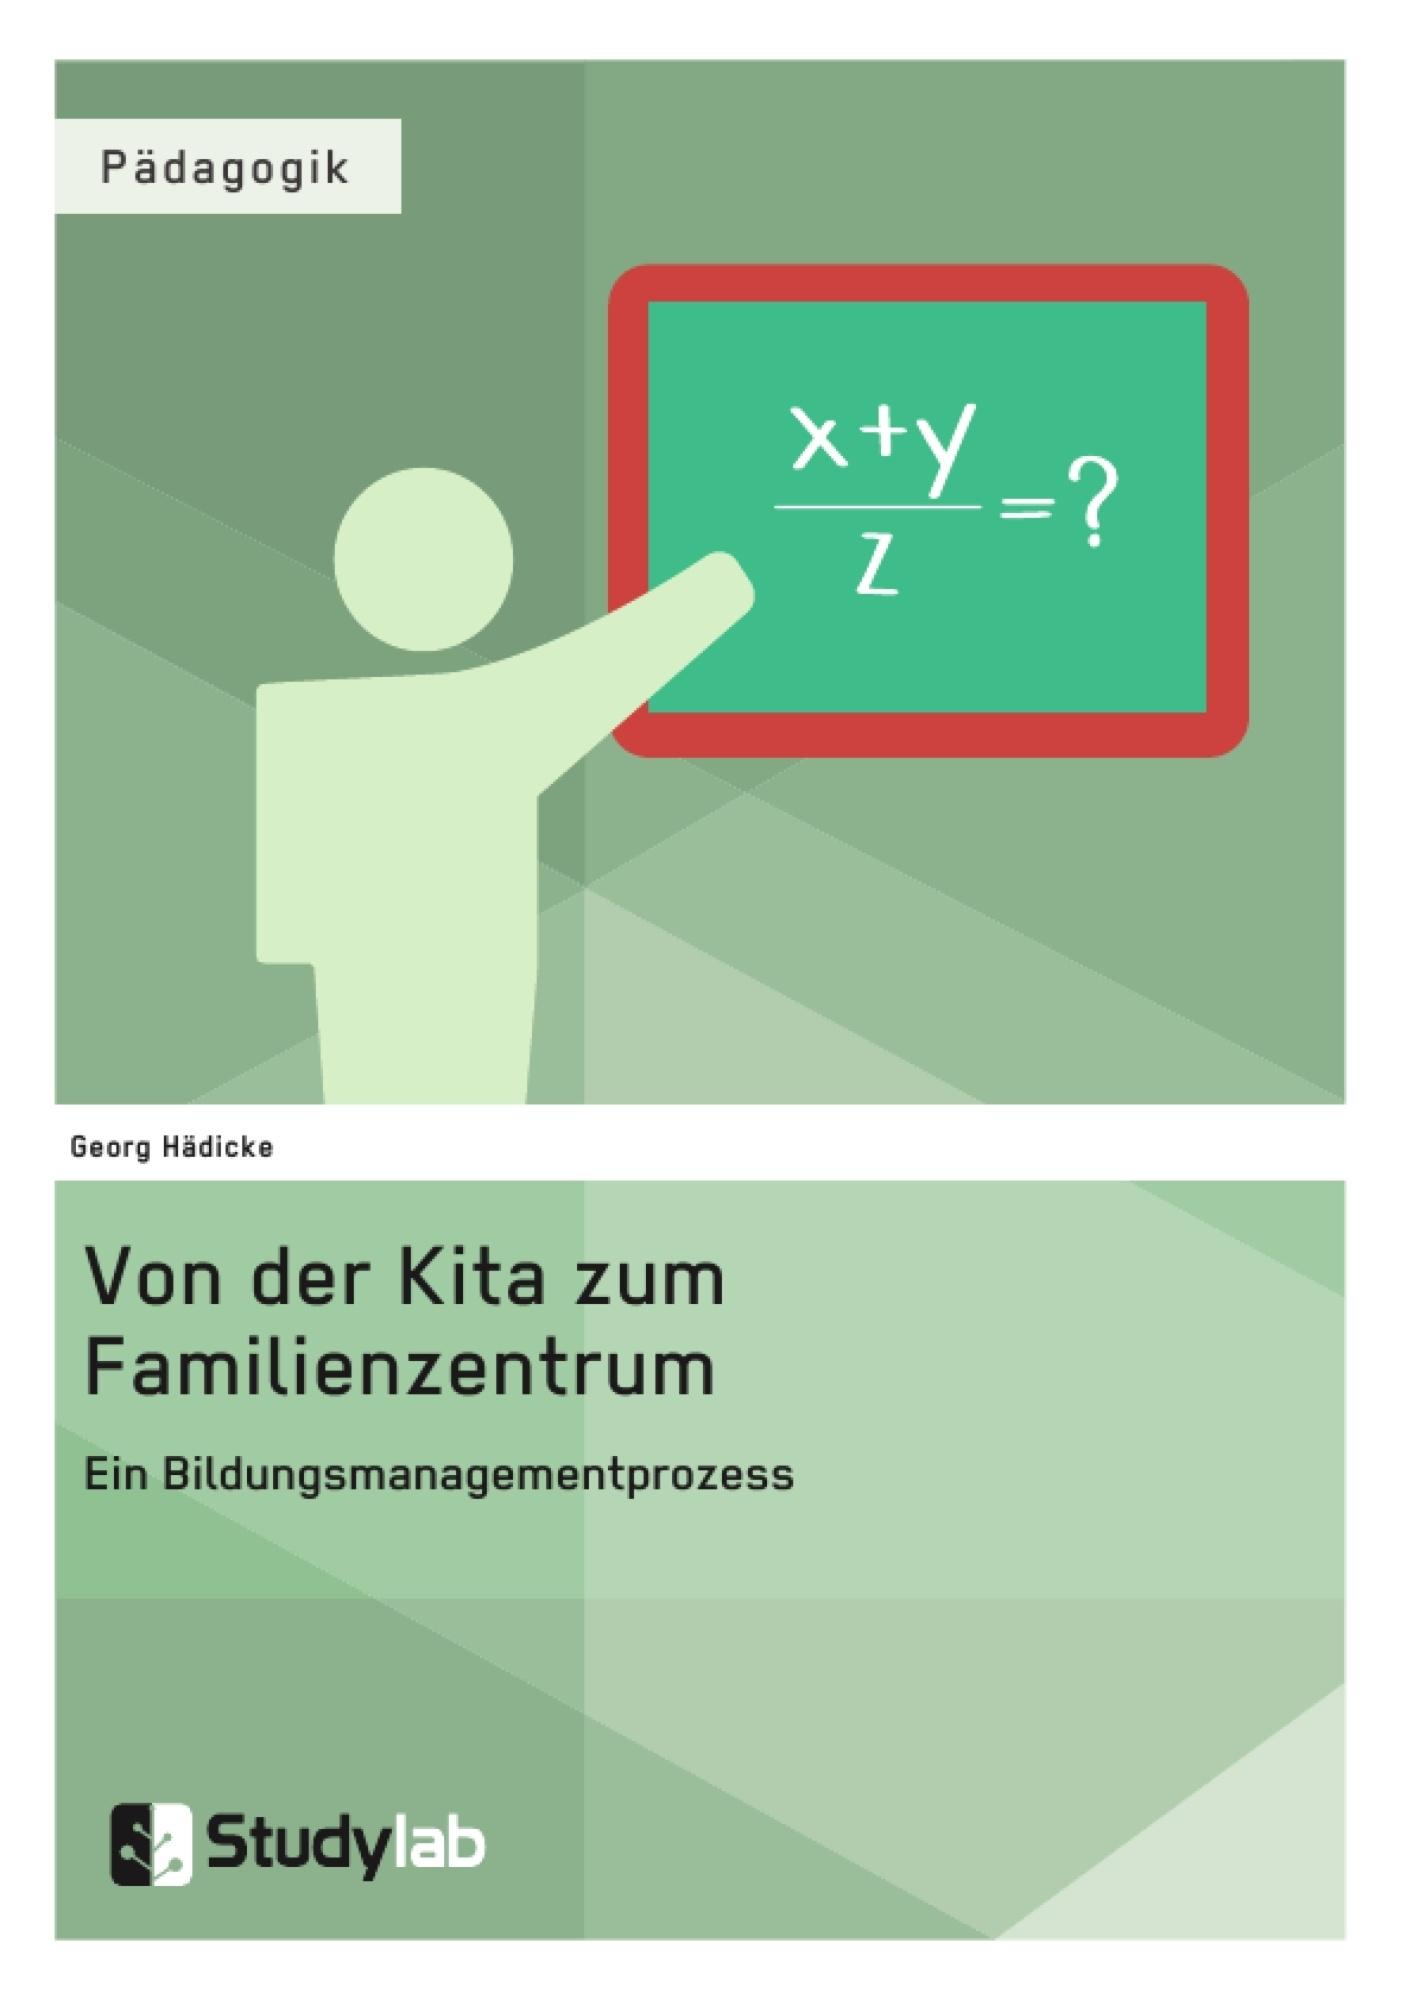 Titel: Von der Kita zum Familienzentrum. Ein Bildungsmanagementprozess